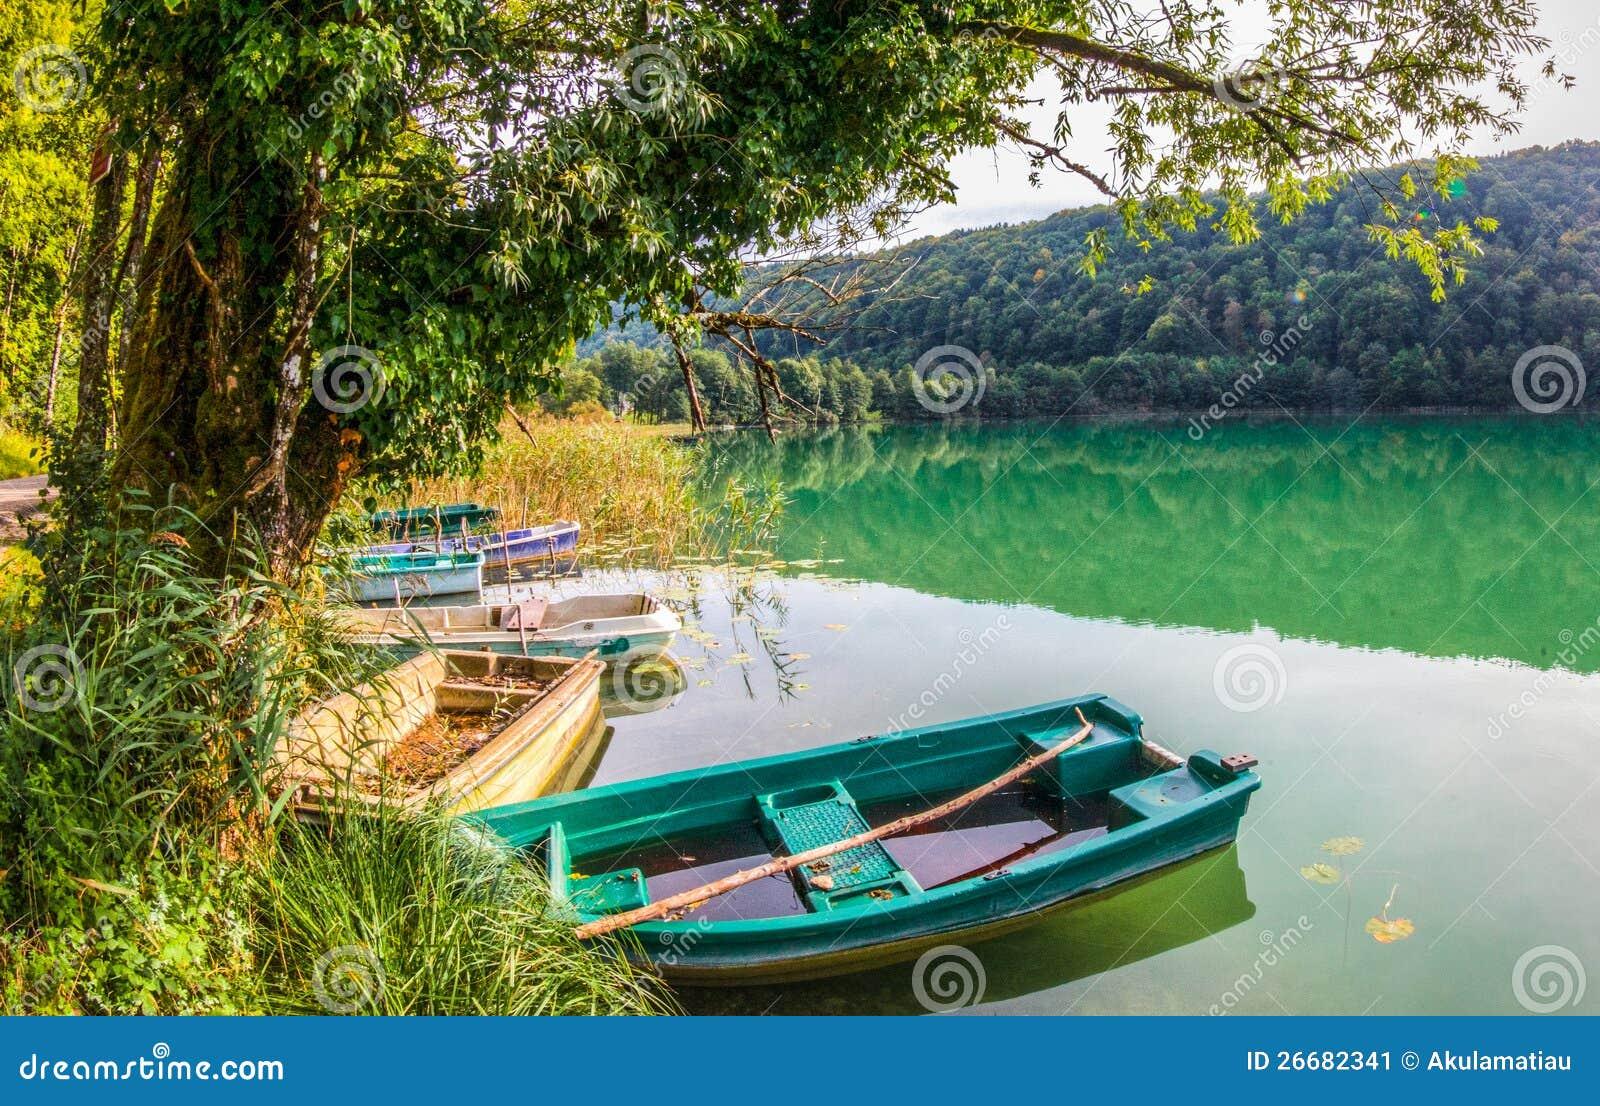 Gummilacka Du Val Jura Frankrike Fartyg Fotografering For Bildbyraer Bild Av Green Transport 26682341